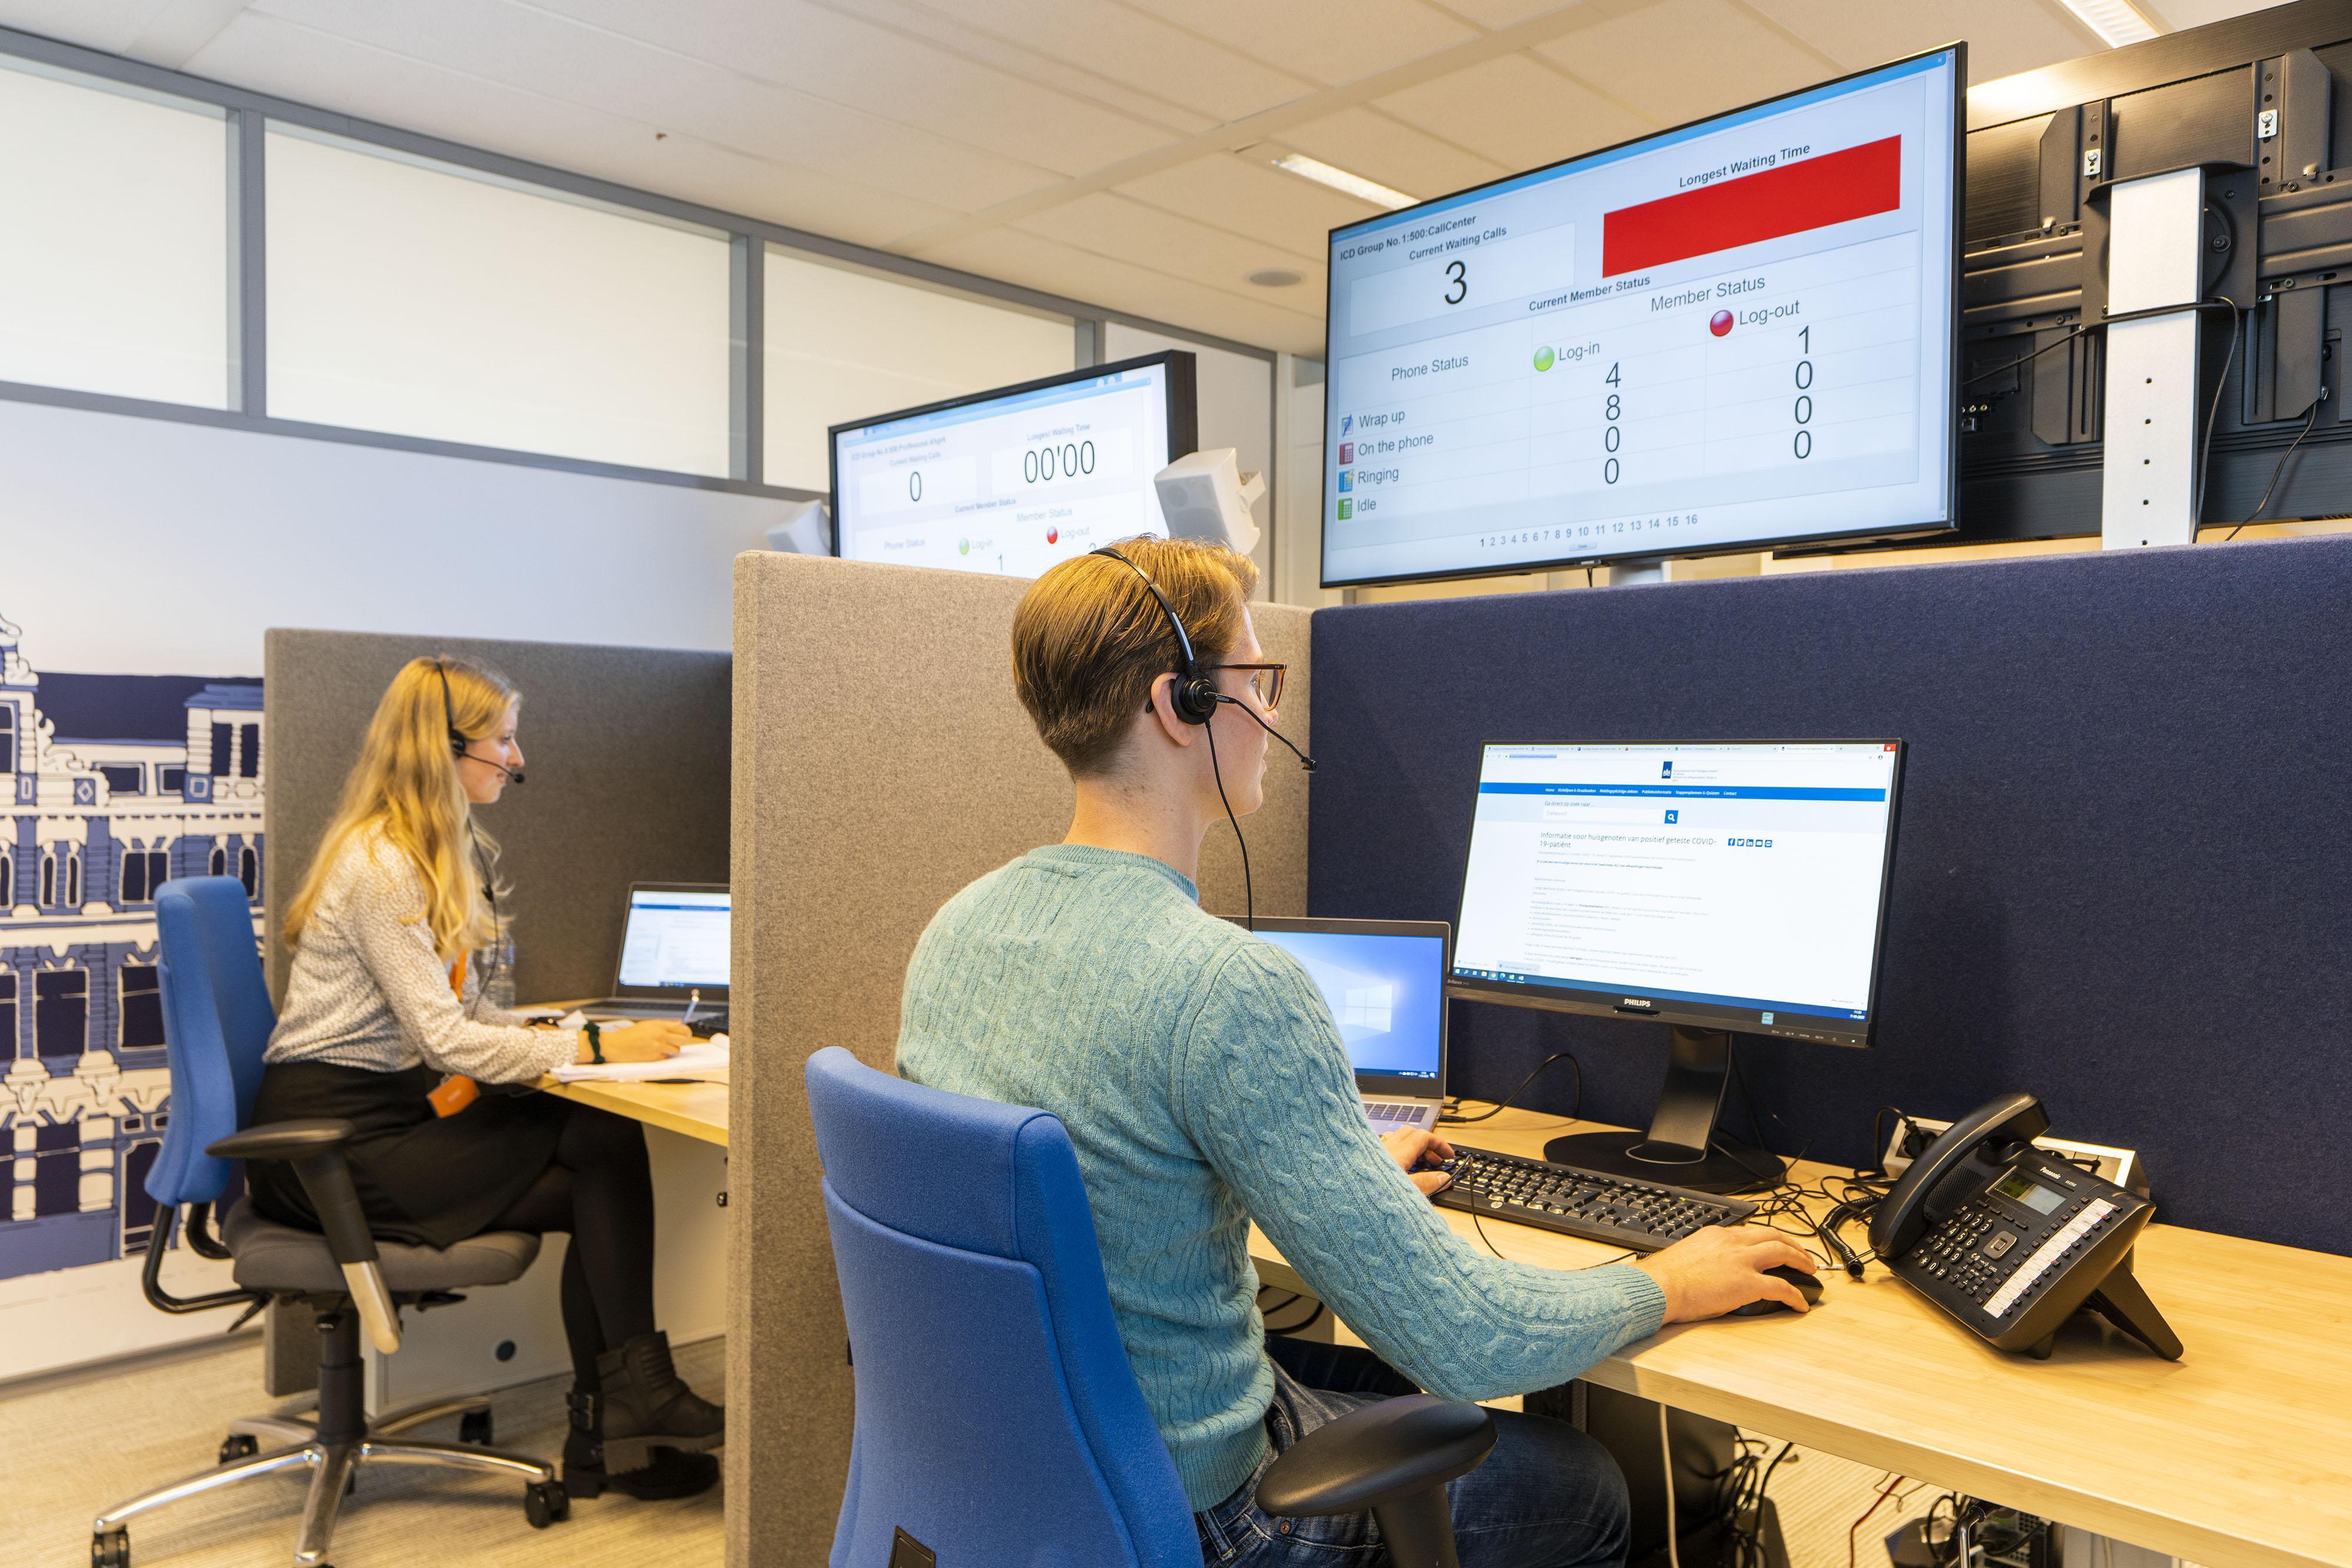 GGD Hollands Midden kan vele telefoontjes over persoonlijk effect van coronavaccinatie niet beantwoorden: 'Bellen heeft geen zin'